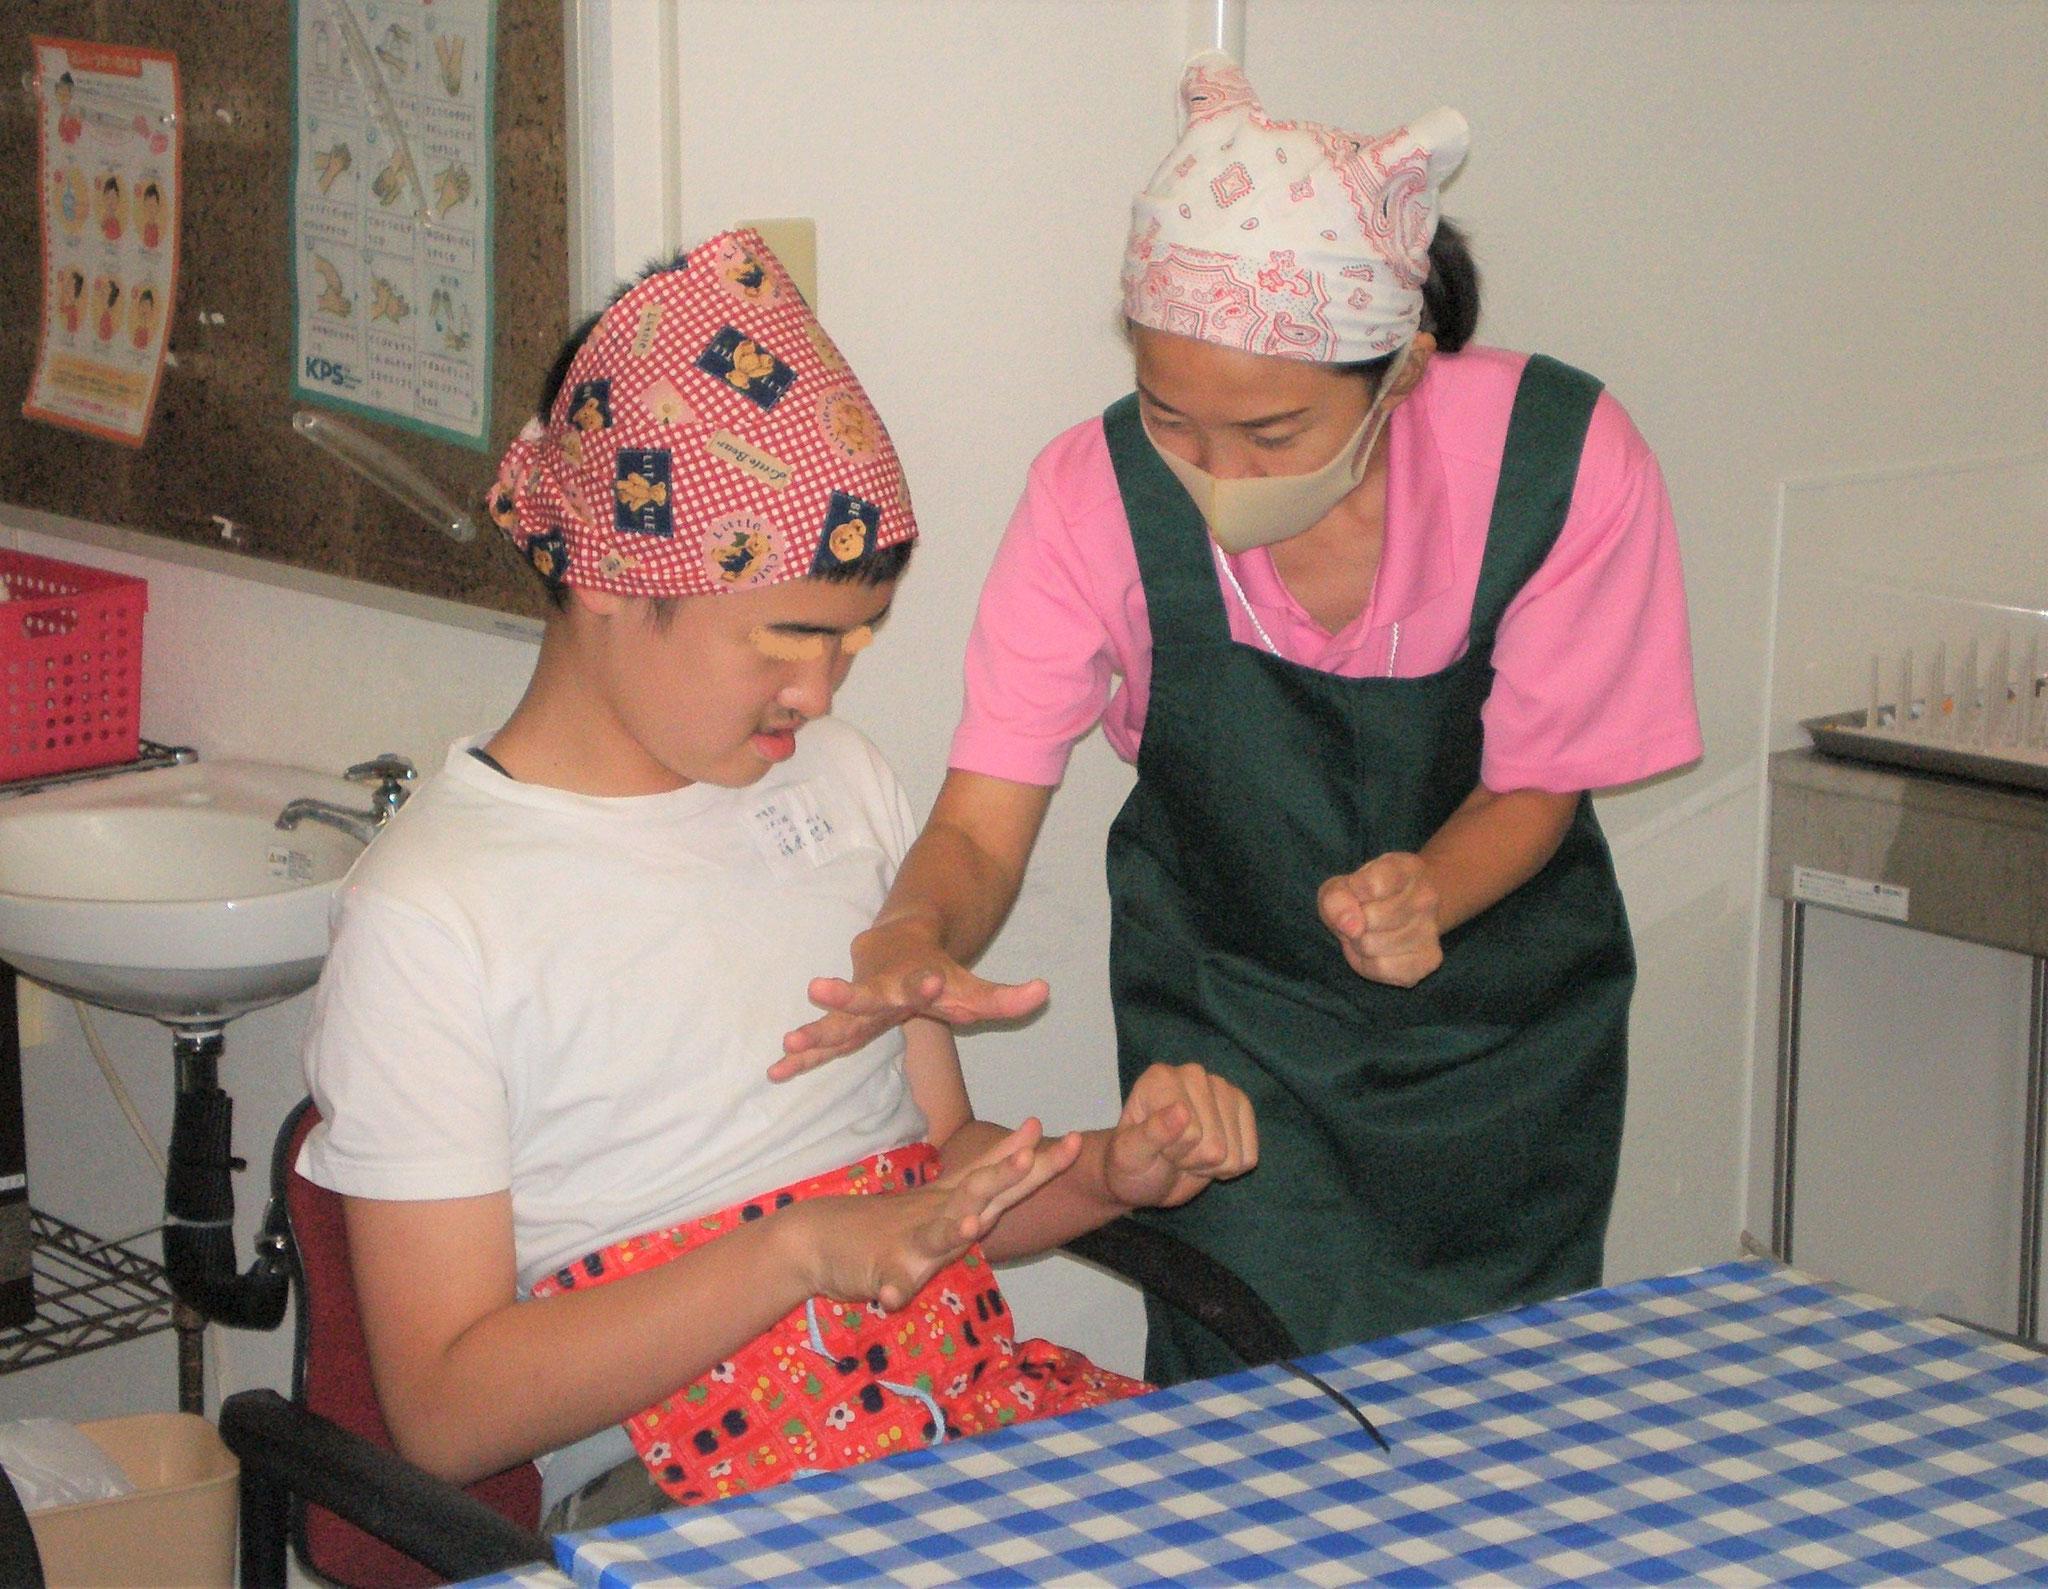 手洗いを済ませ、エプロン、三角巾をしたら、まずは指体操しようね